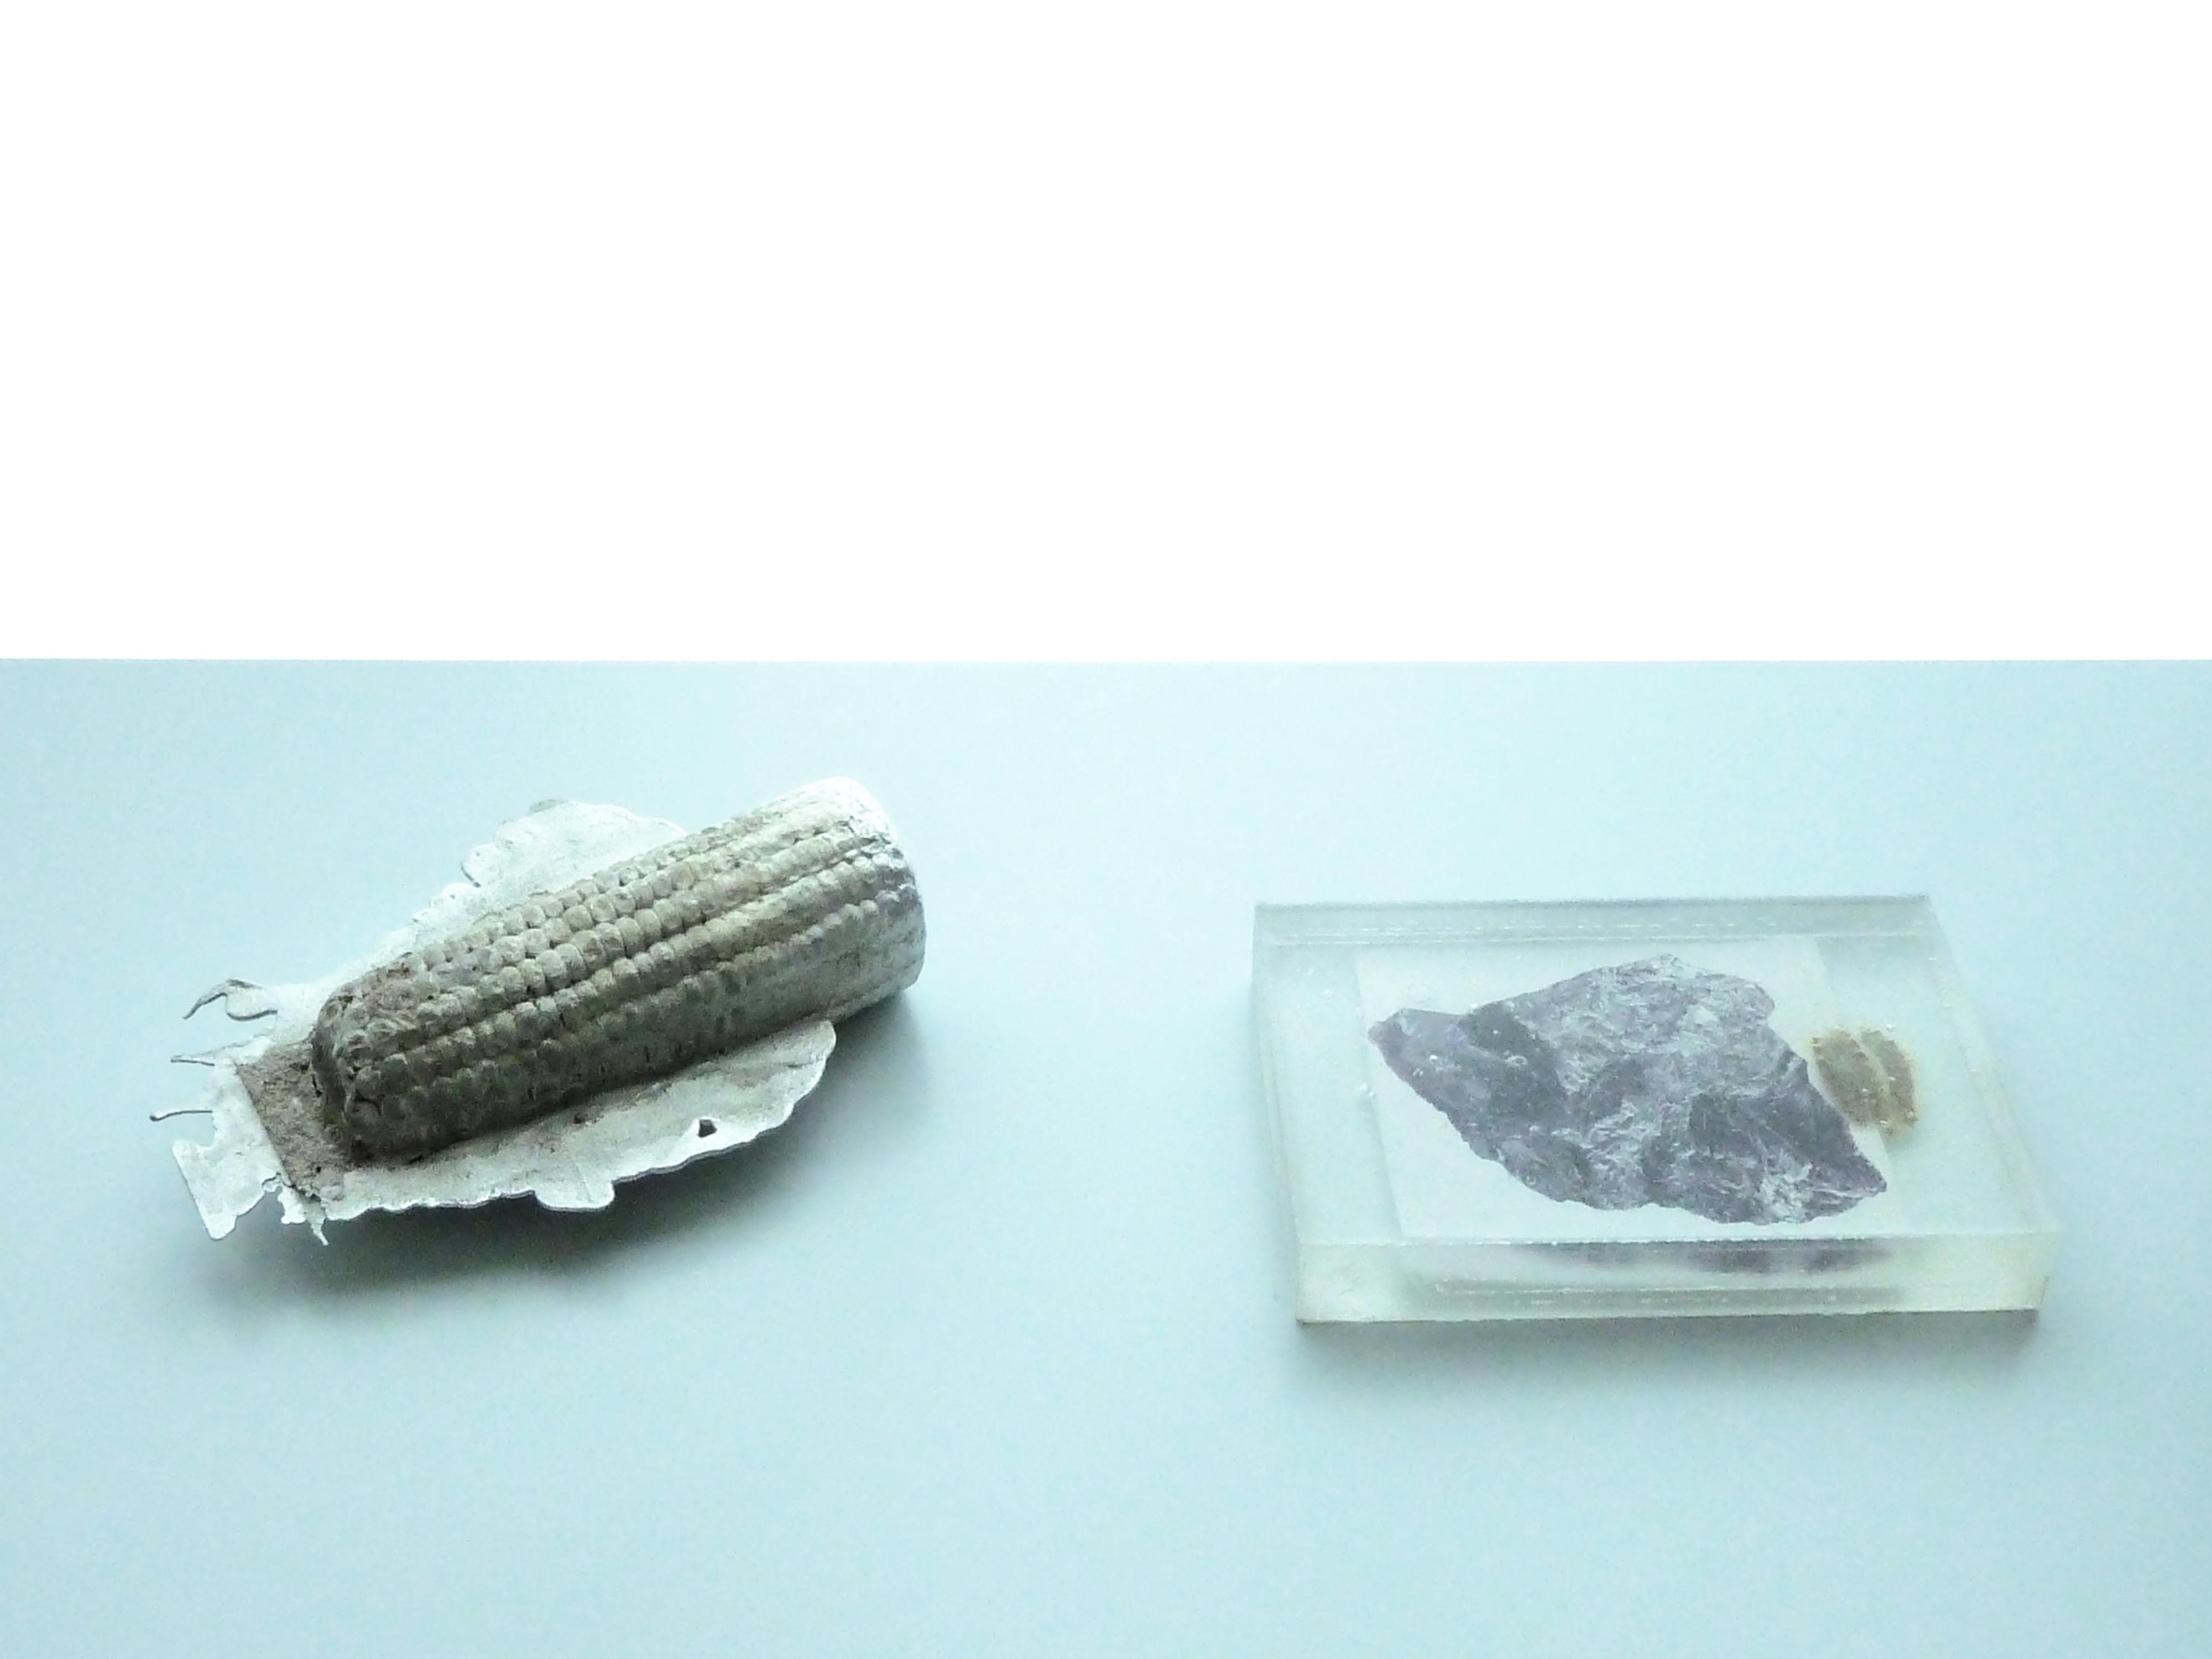 susi_gelb_prime_material11_capsule017_web